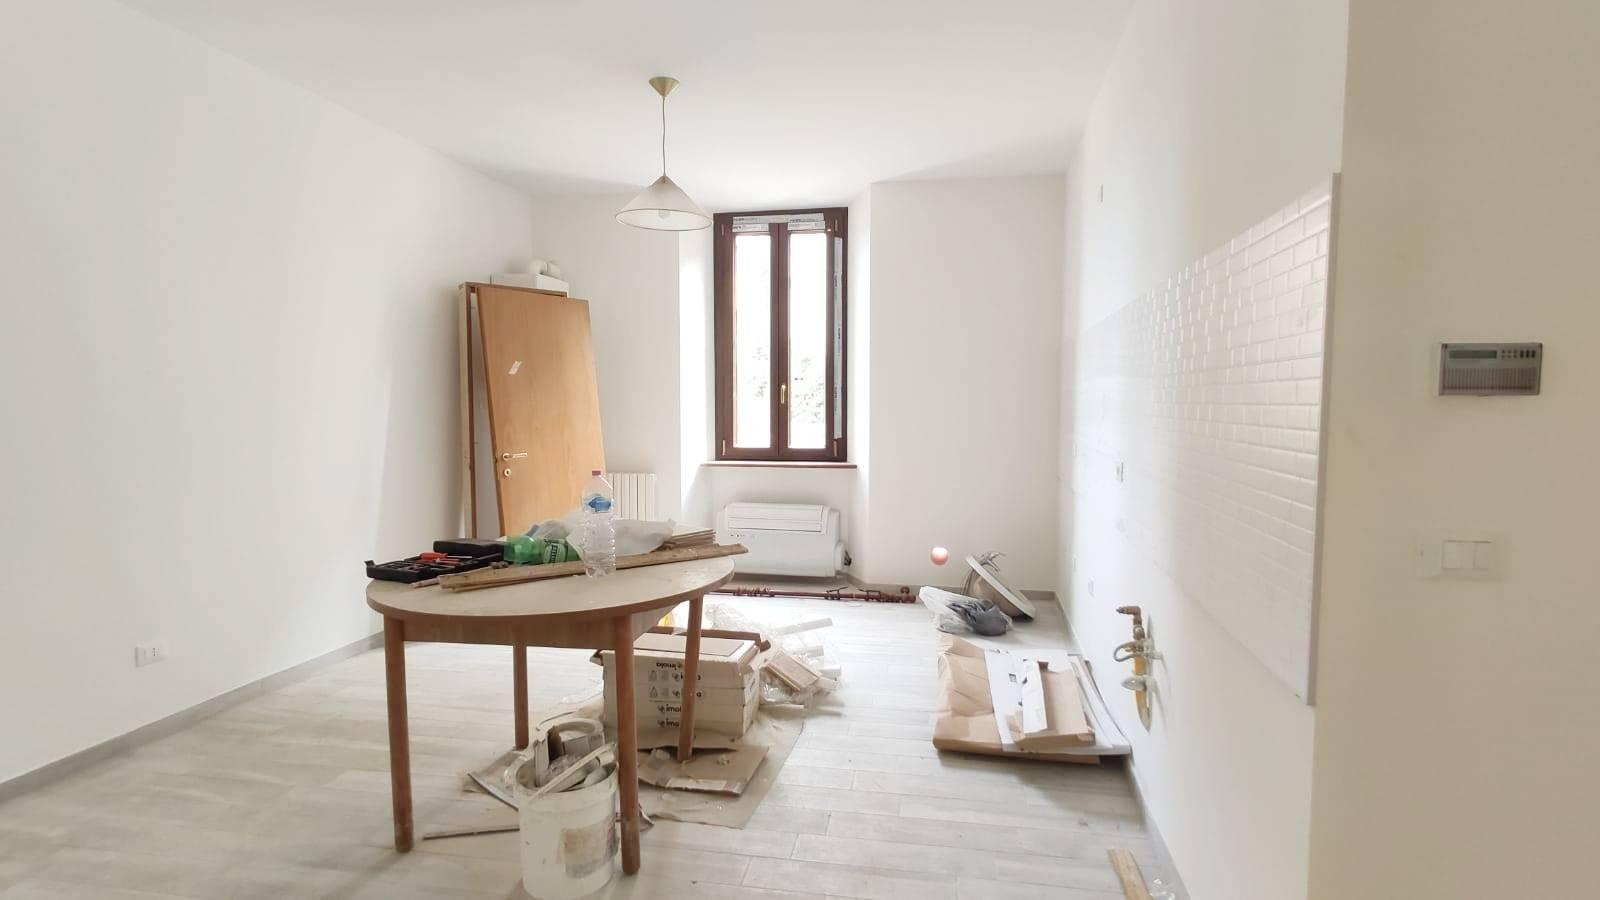 Appartamento, 120 Mq, Vendita - Ascoli Piceno (Ascoli Piceno)